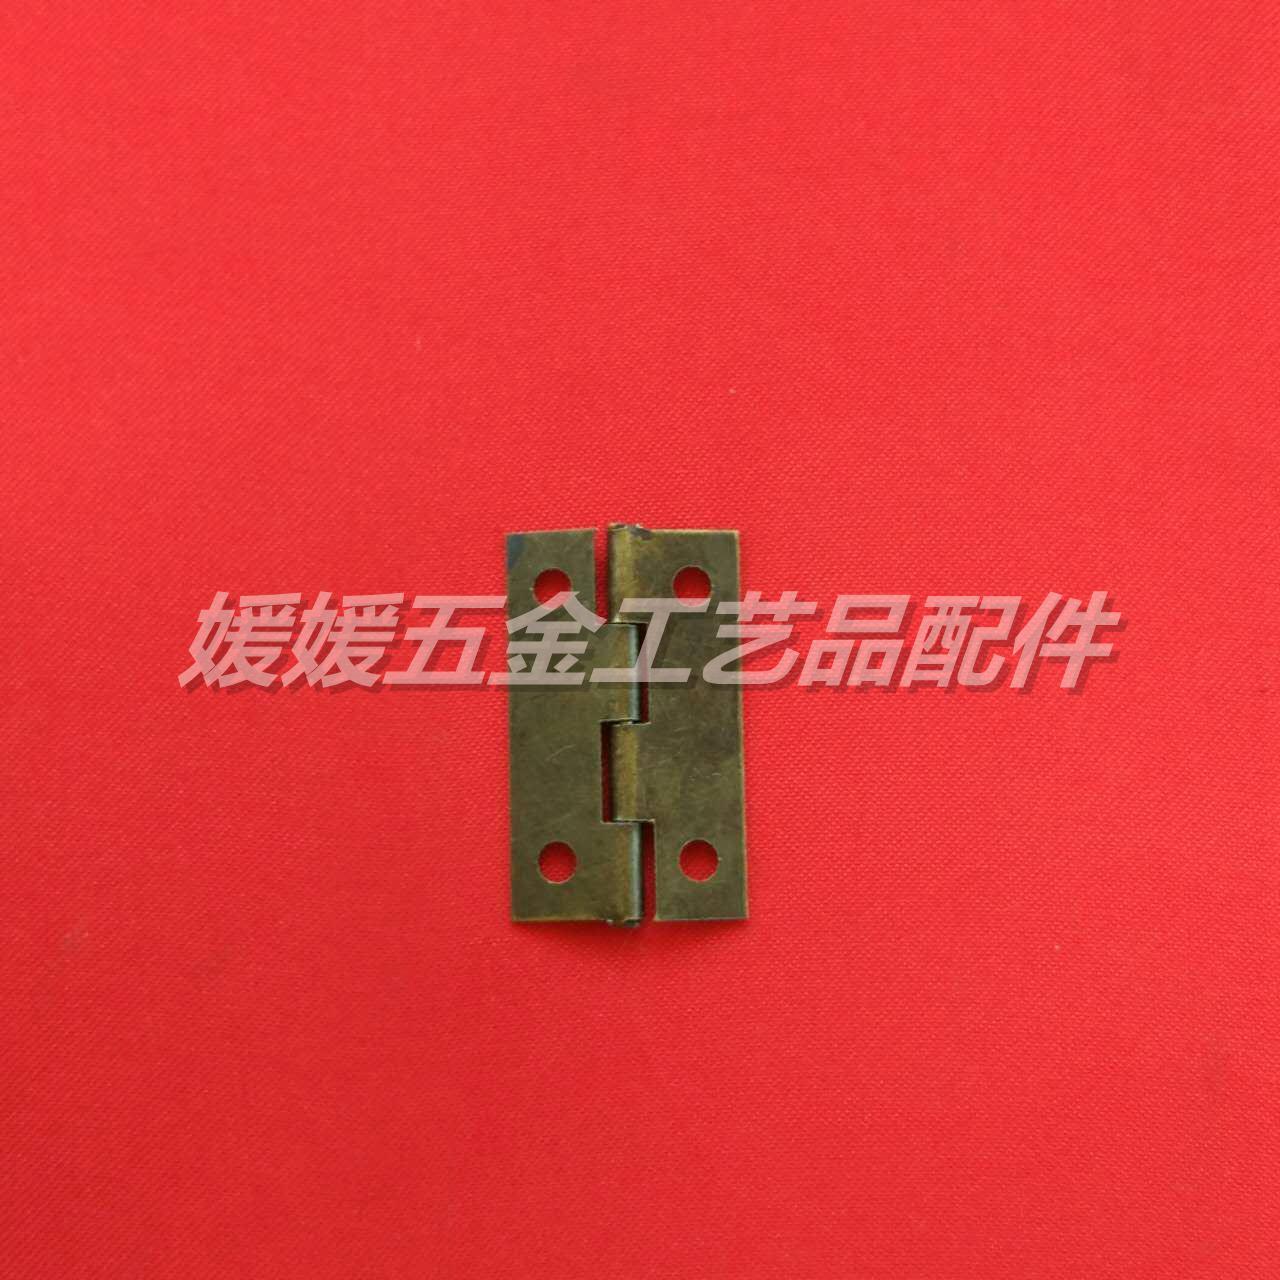 Маленькие петли мини - складные петли деревянный ящик шкатулку маленькие петли металлических частей, обычные петли